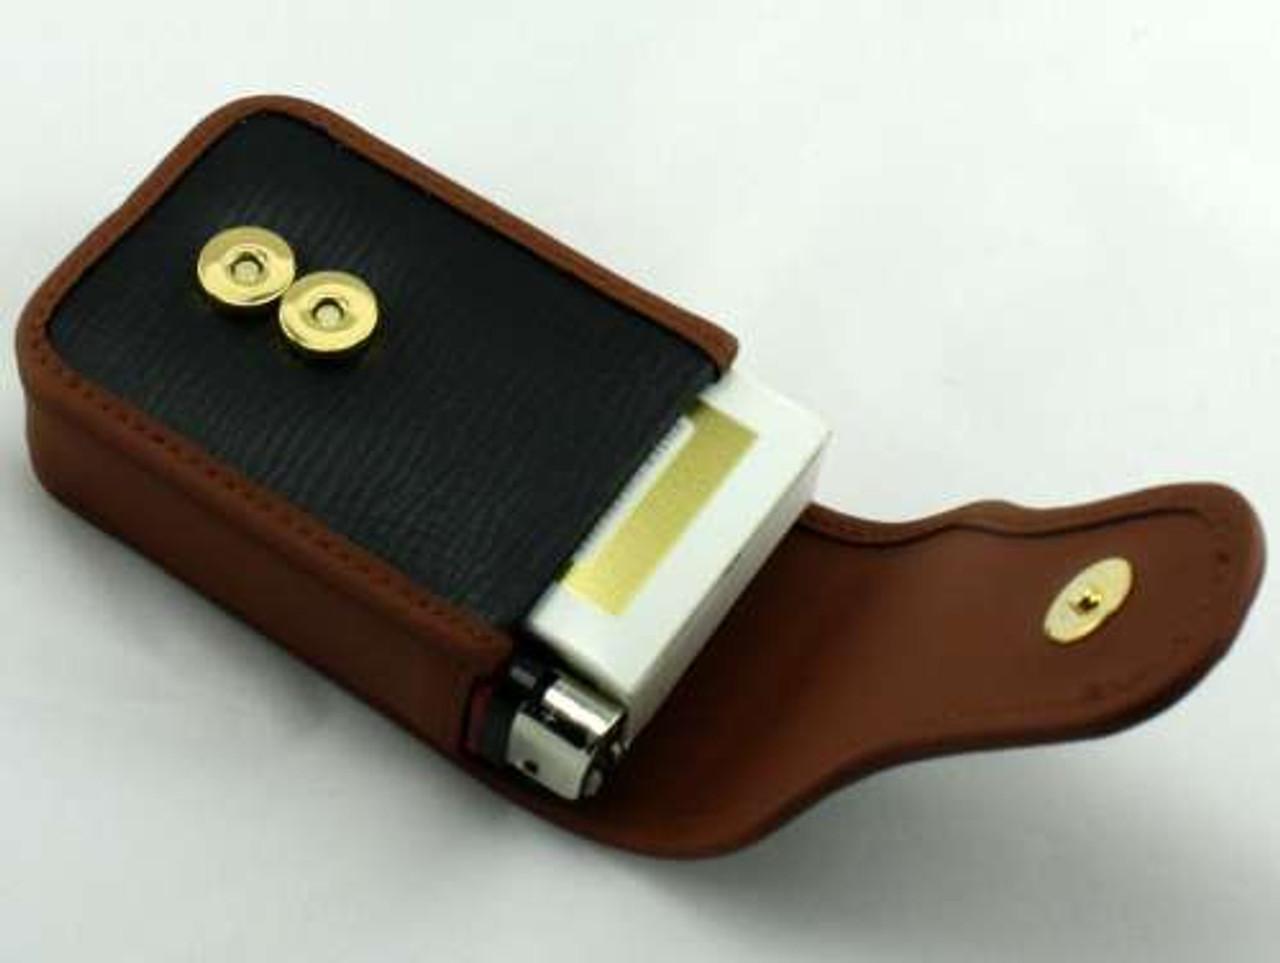 Western Leather Cigarette Pack Holder